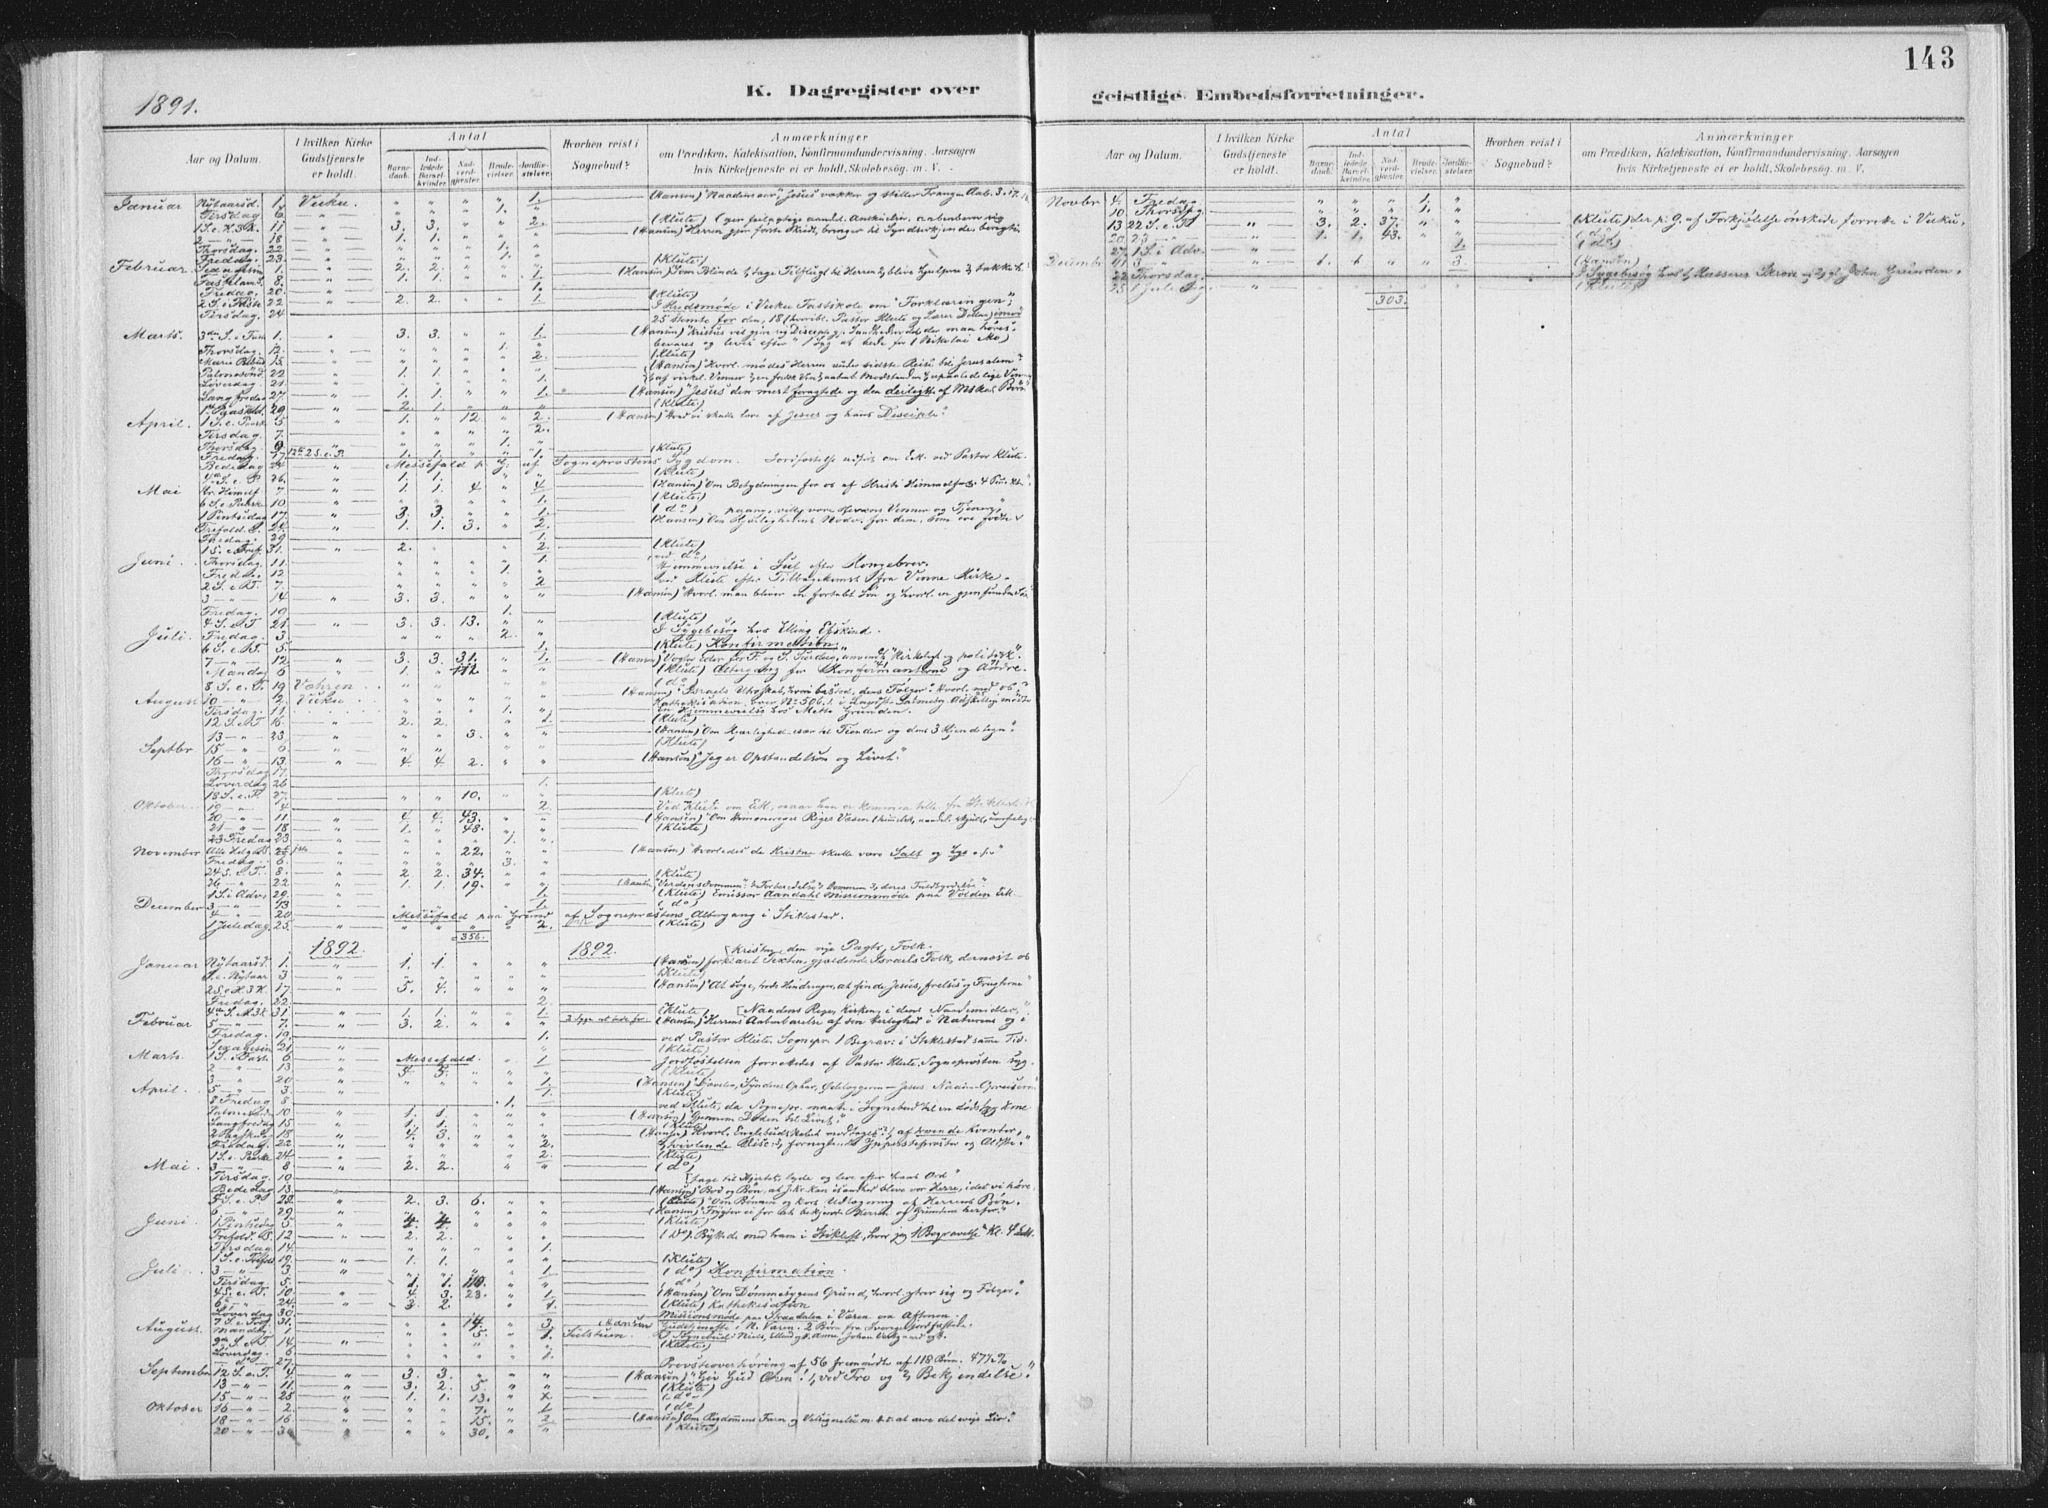 SAT, Ministerialprotokoller, klokkerbøker og fødselsregistre - Nord-Trøndelag, 724/L0263: Ministerialbok nr. 724A01, 1891-1907, s. 143